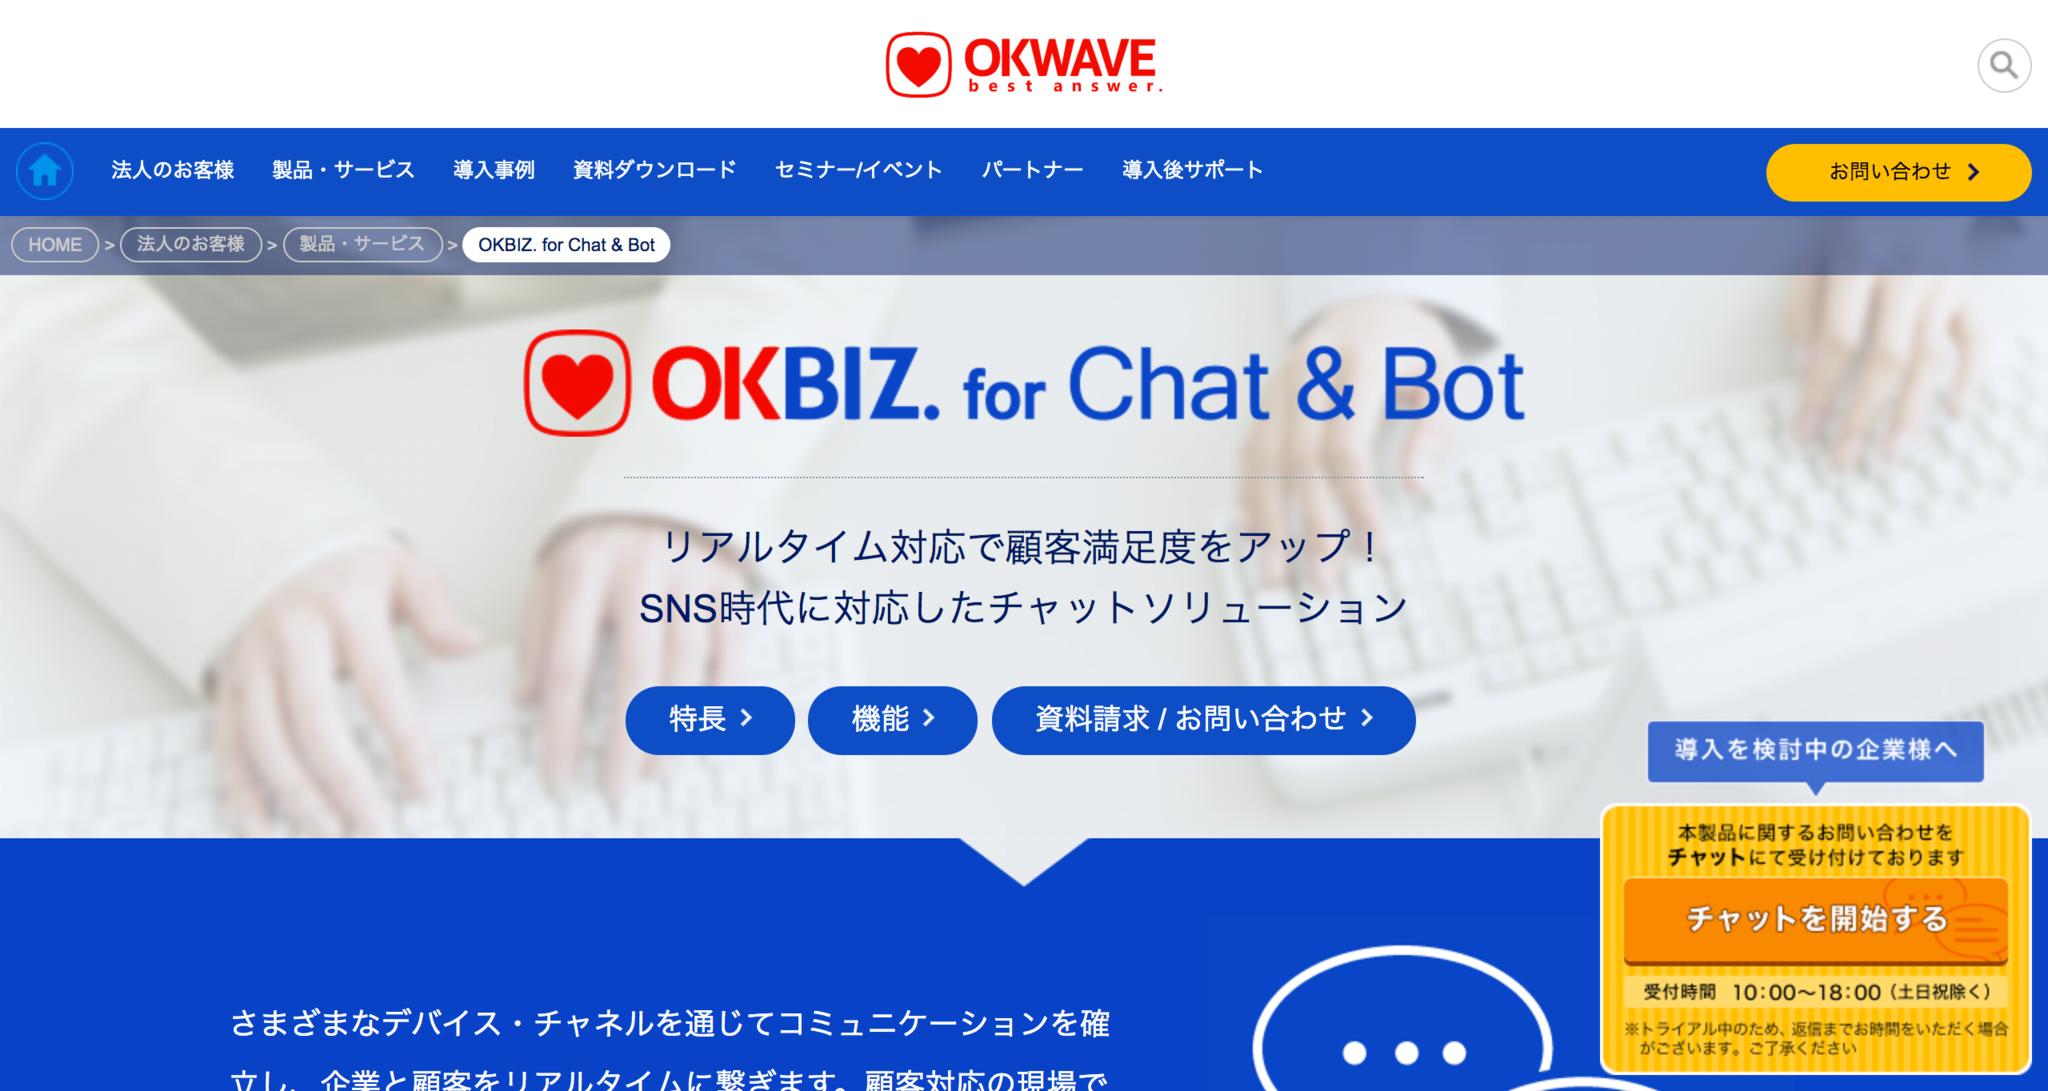 OKBIZ._for_Chat___Bot___株式会社オウケイウェイヴ.png